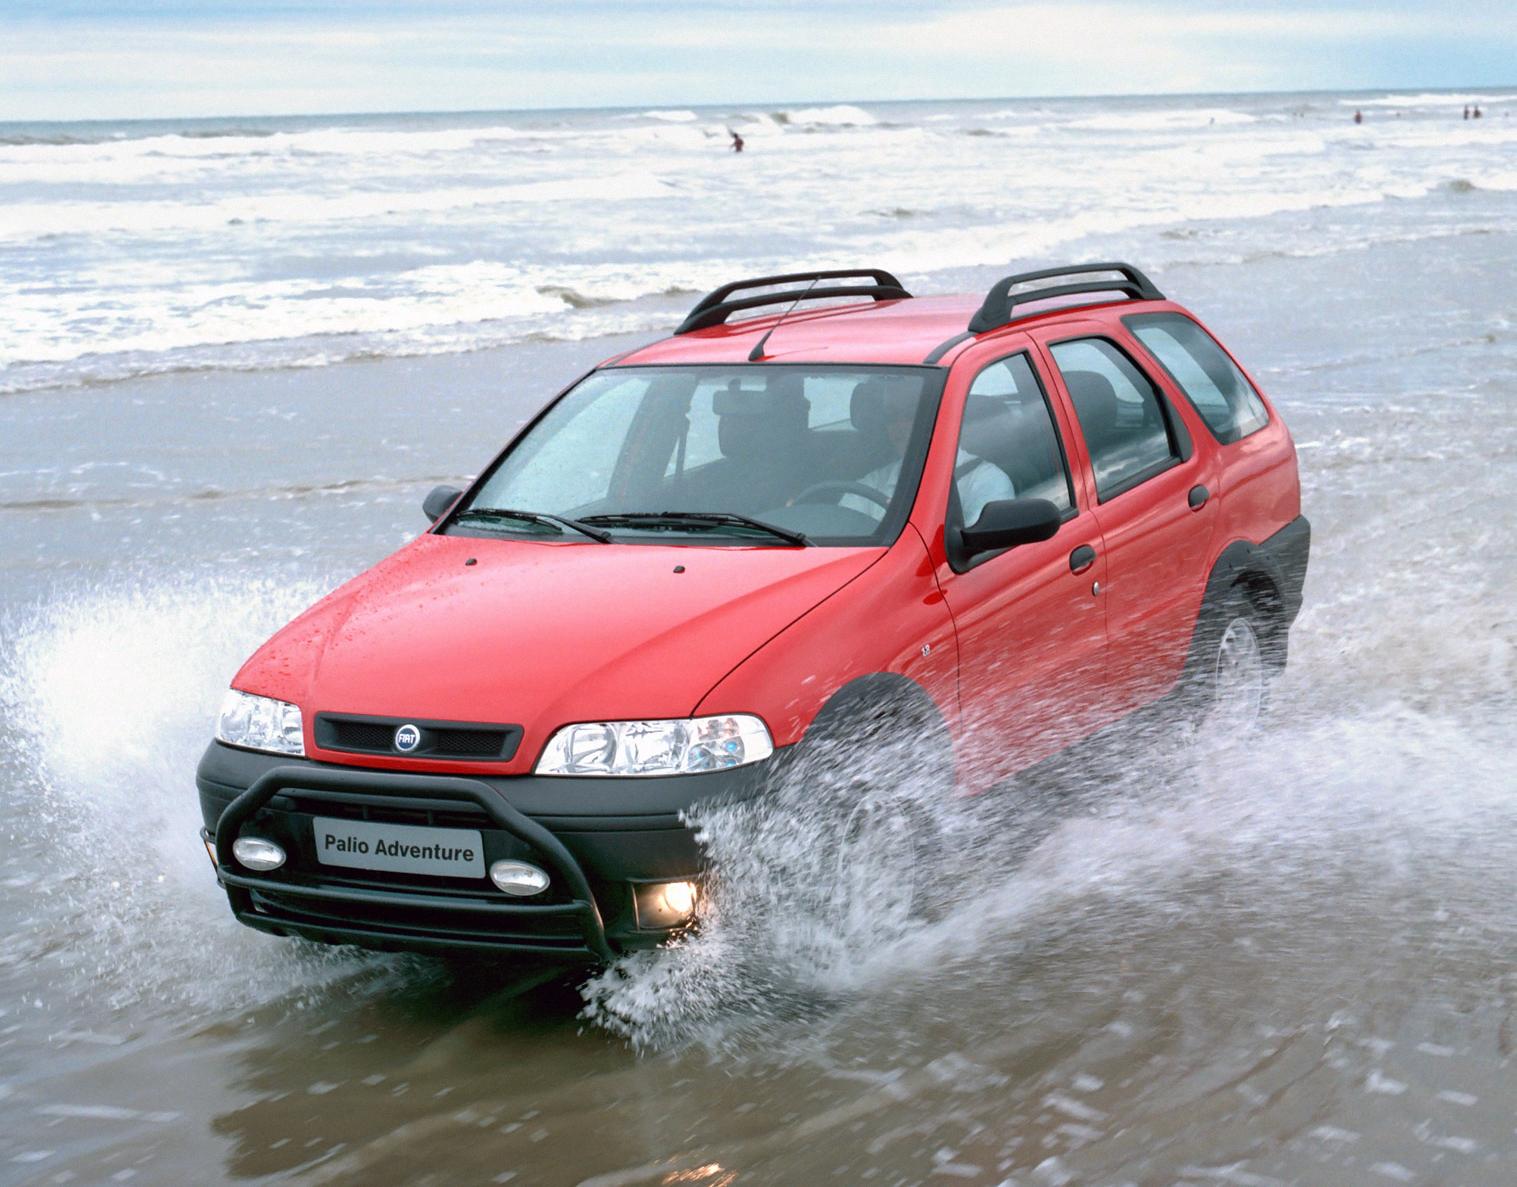 fiat palio adventure vermelha frente praia